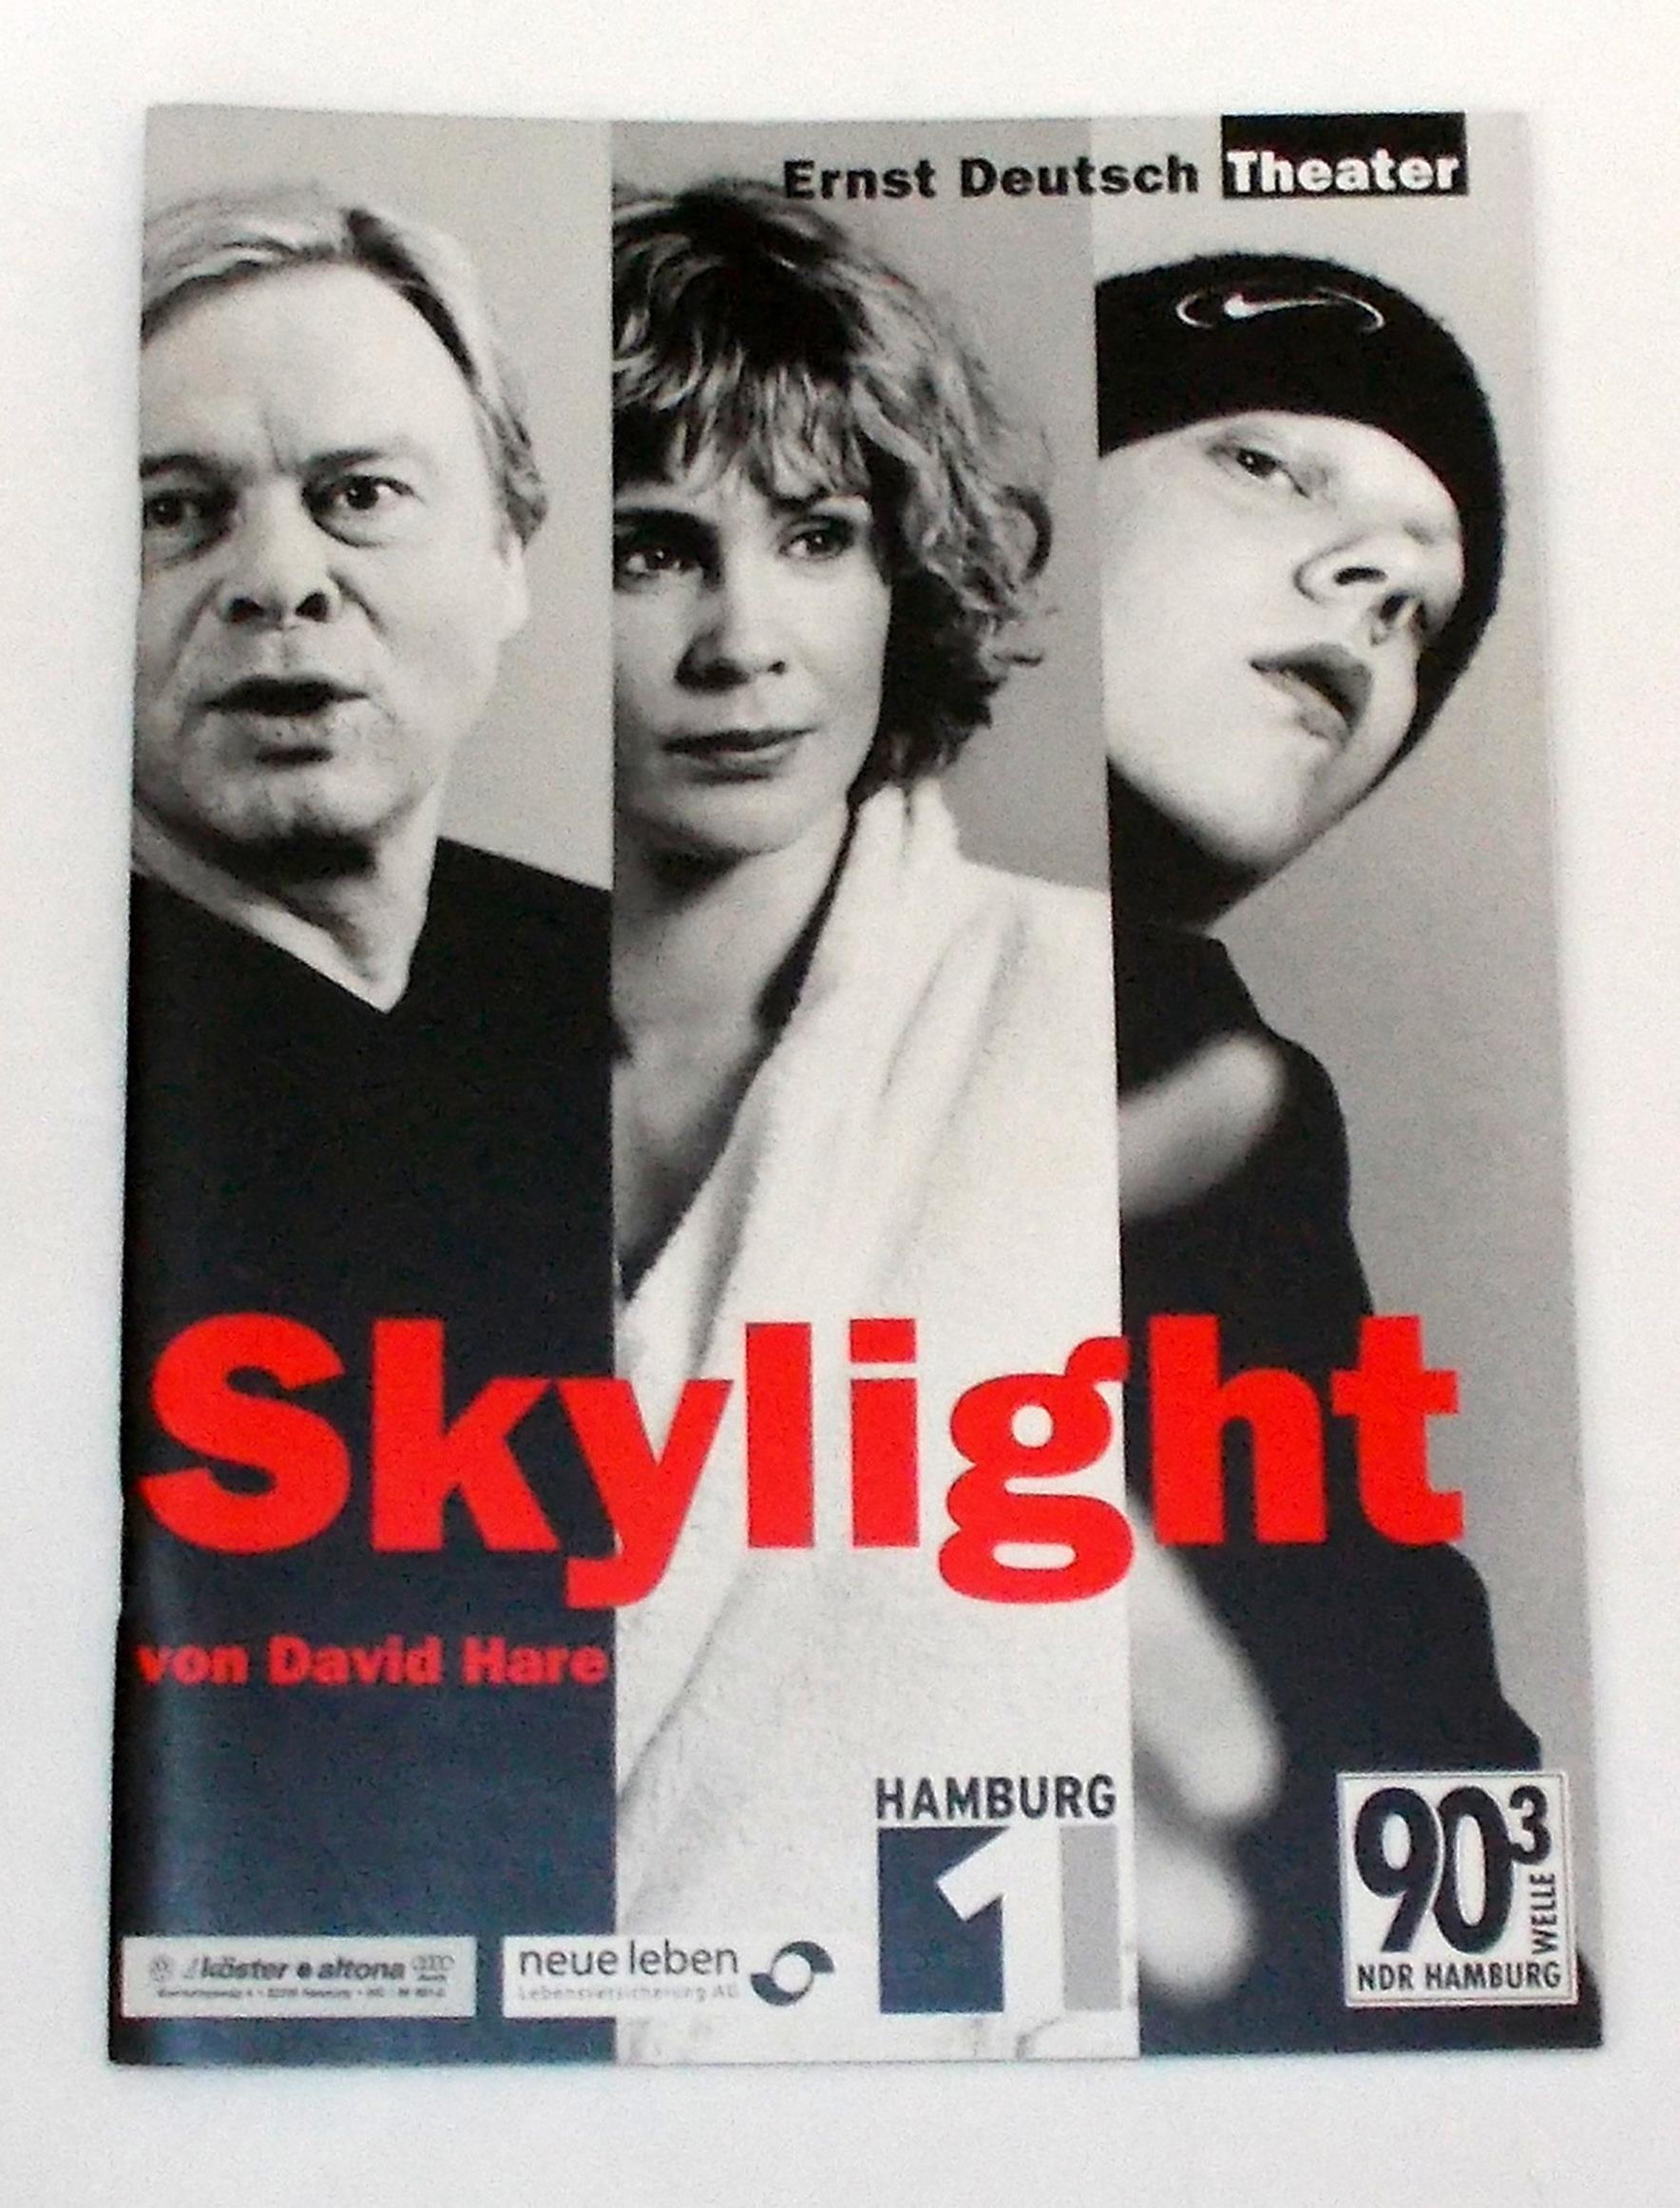 Programmheft SKYLIGHT von David Hare. Ernst Deutsch Theater 2001